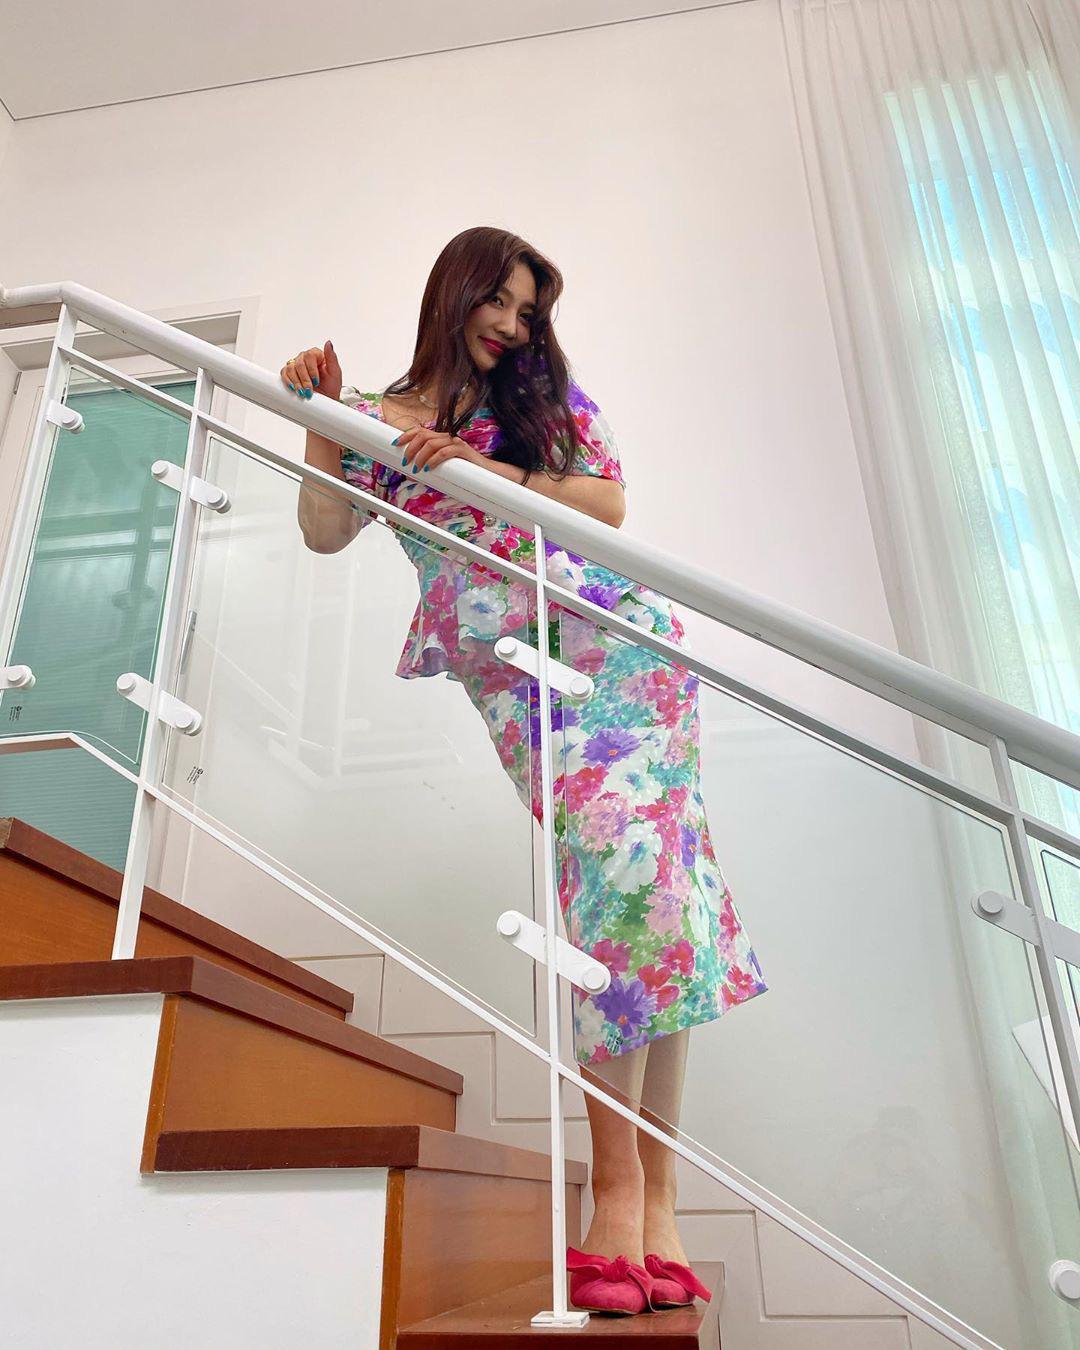 Cùng diện váy sến súa nhưng Han Ye Seul vẫn sang chảnh, quay sang Joy thắm thơm thấy thương  - Ảnh 3.